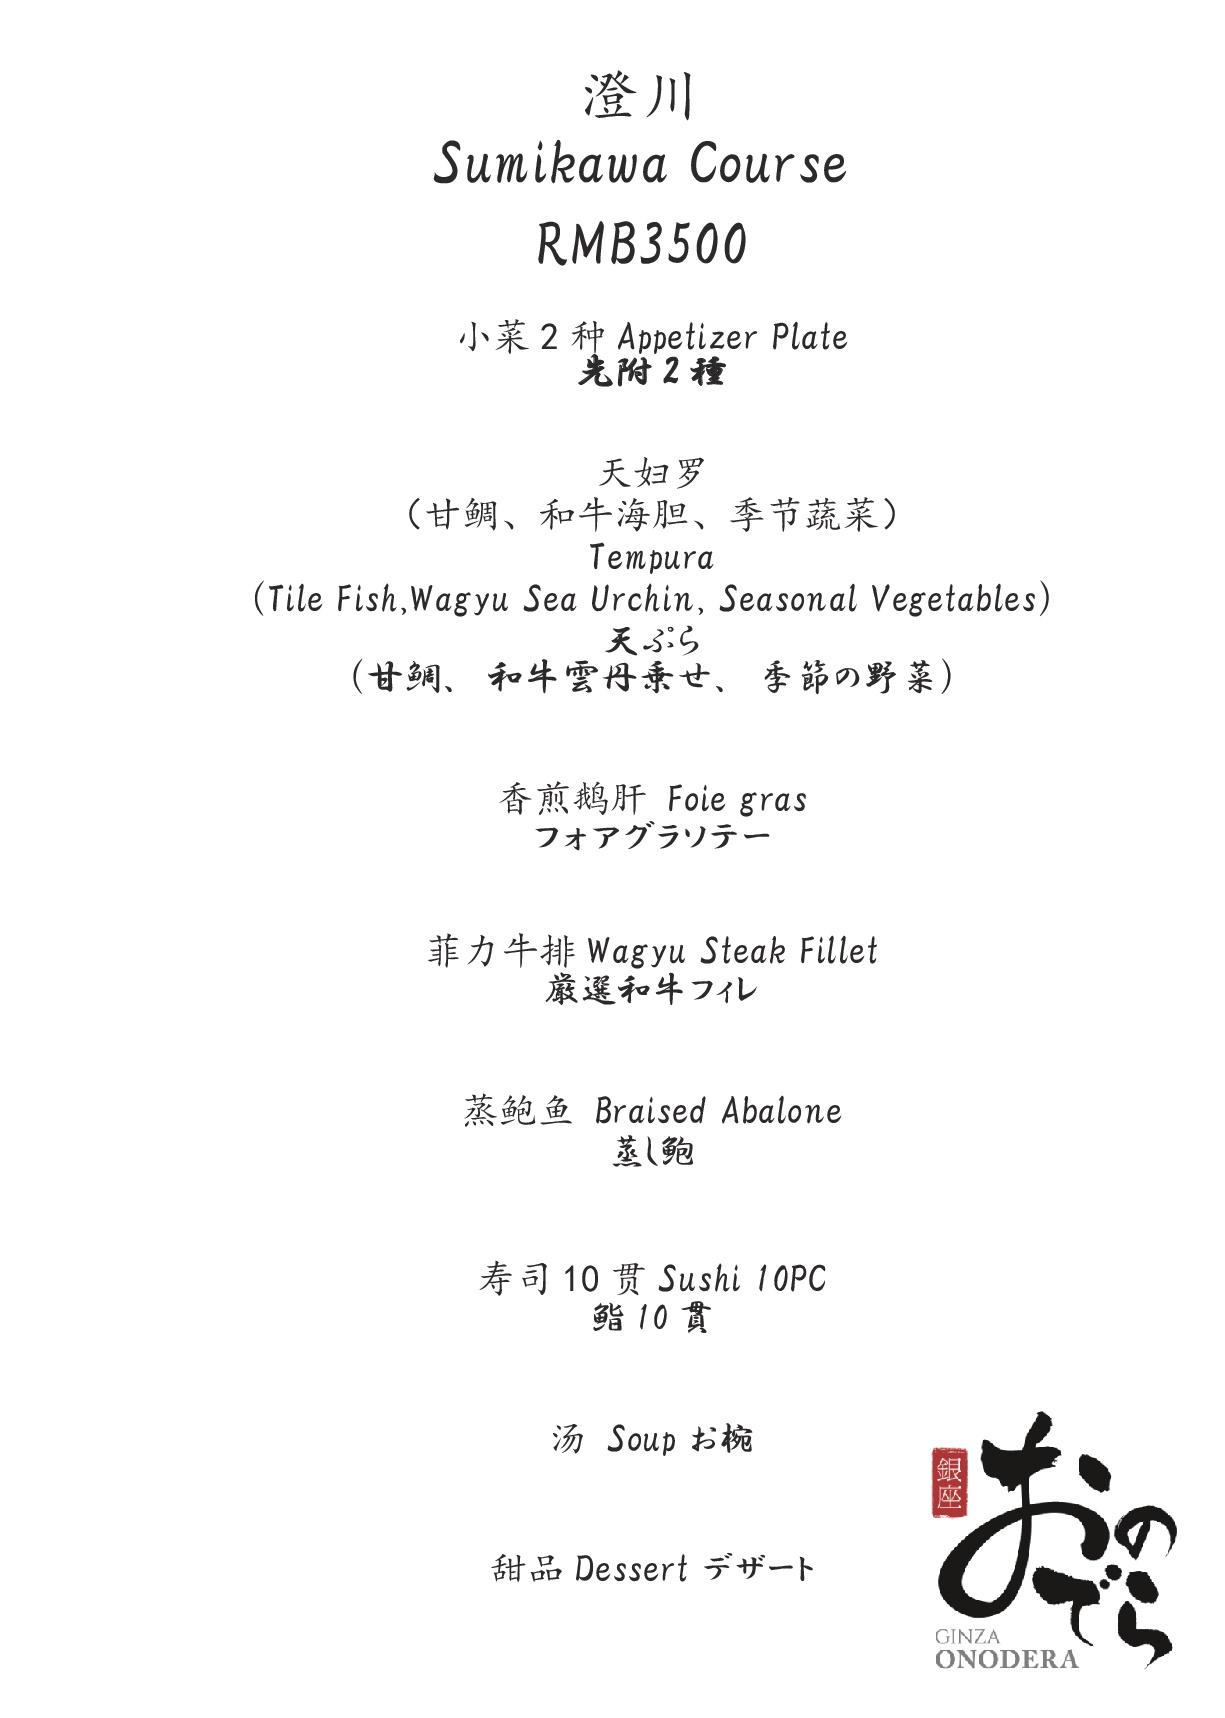 鮨 [上海店] イベントメニュー1